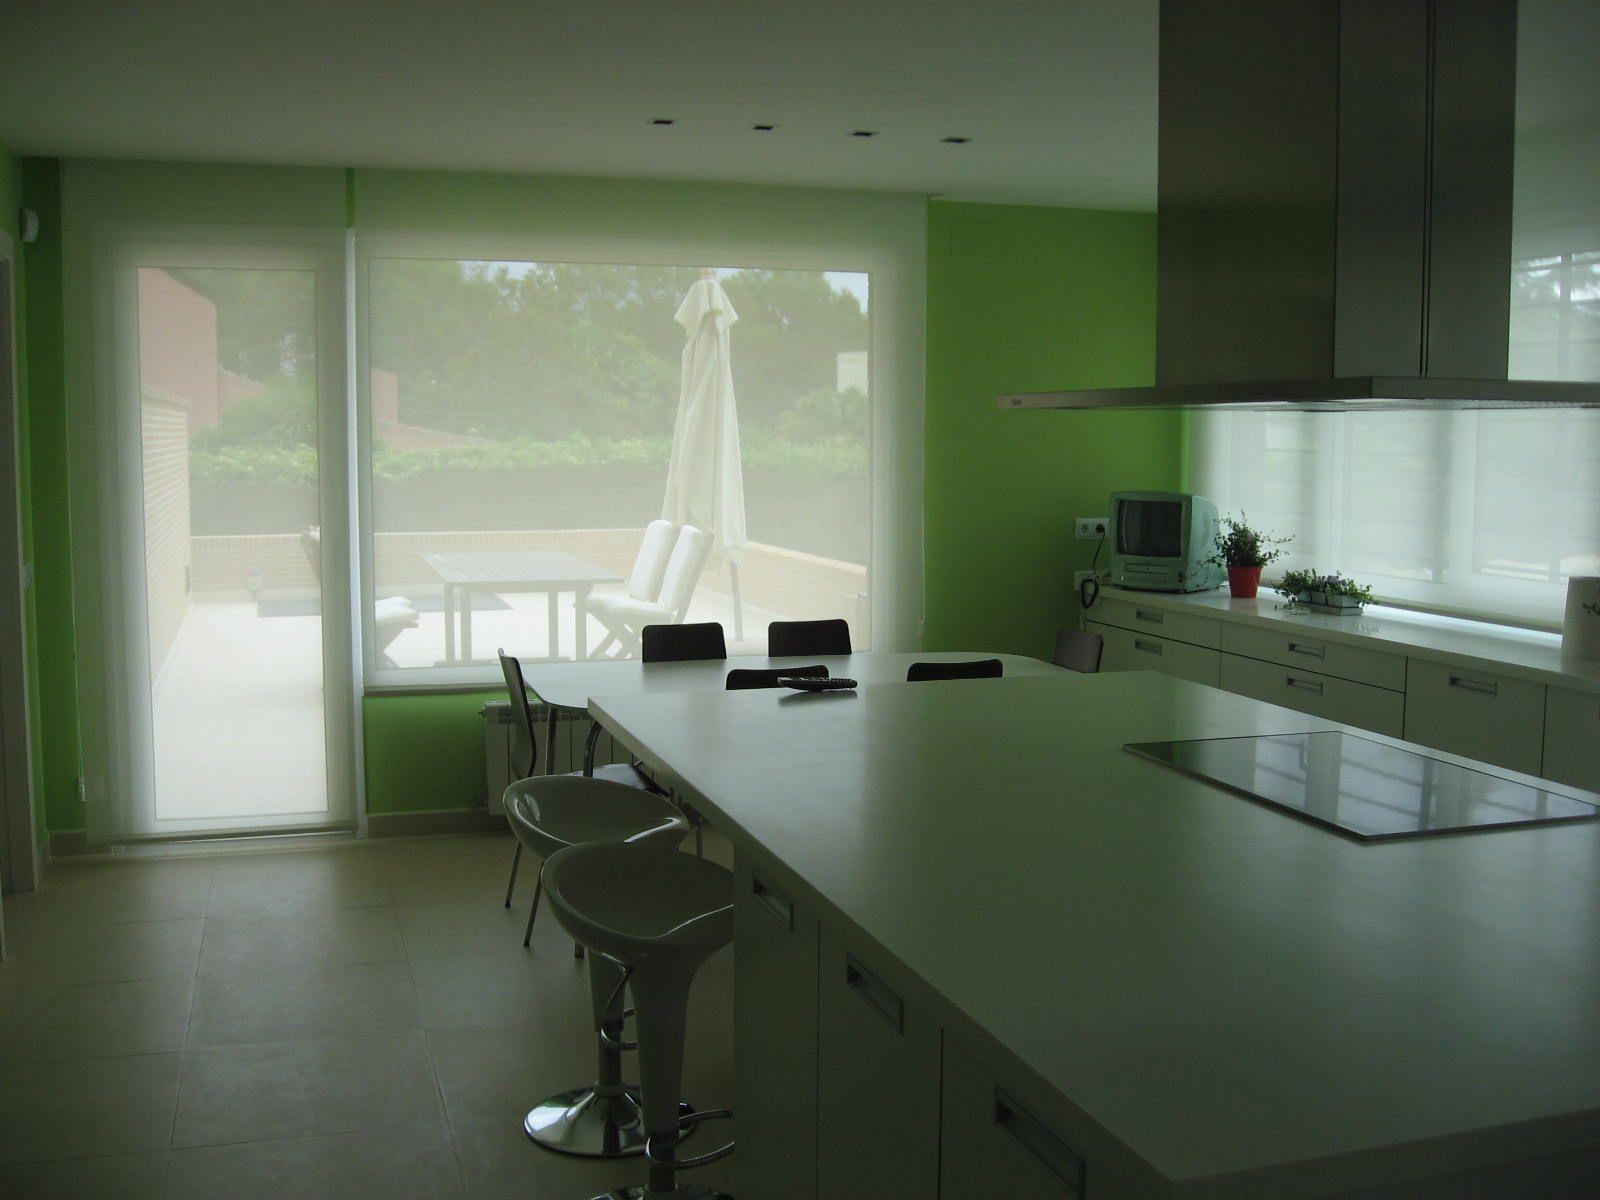 Interior de cocina diseño de NRCR ARQUITECTOS S.L.P.